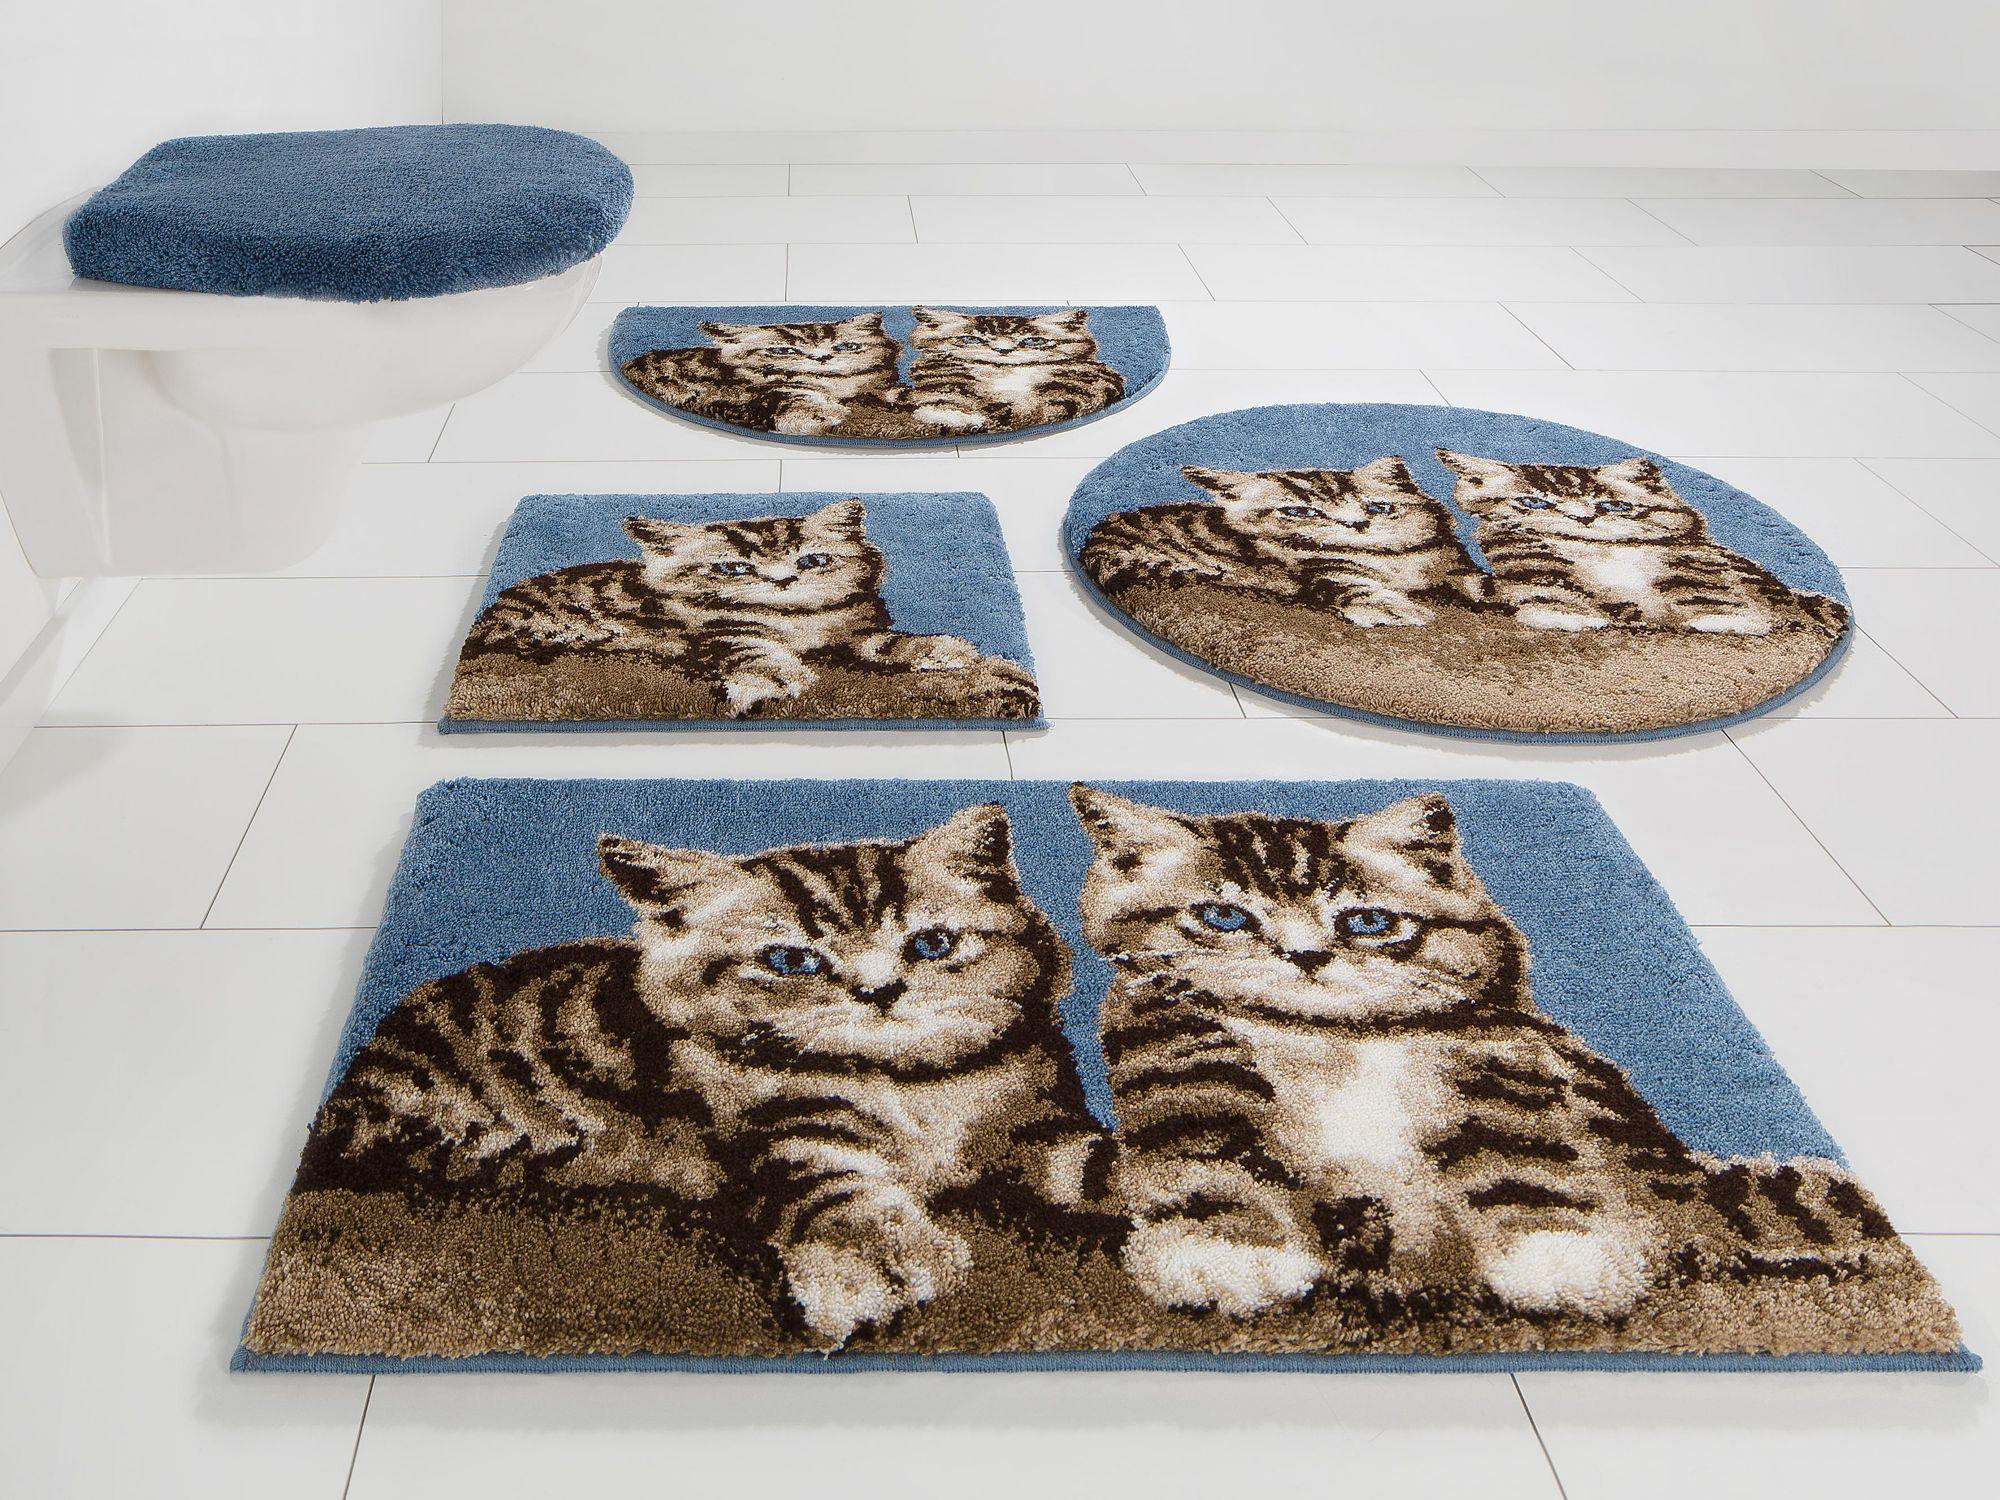 GRUND Badematte, 3-tlg. Stand WC-Set, , »Katze«, Höhe 20 mm, rutschhemmender Rücken